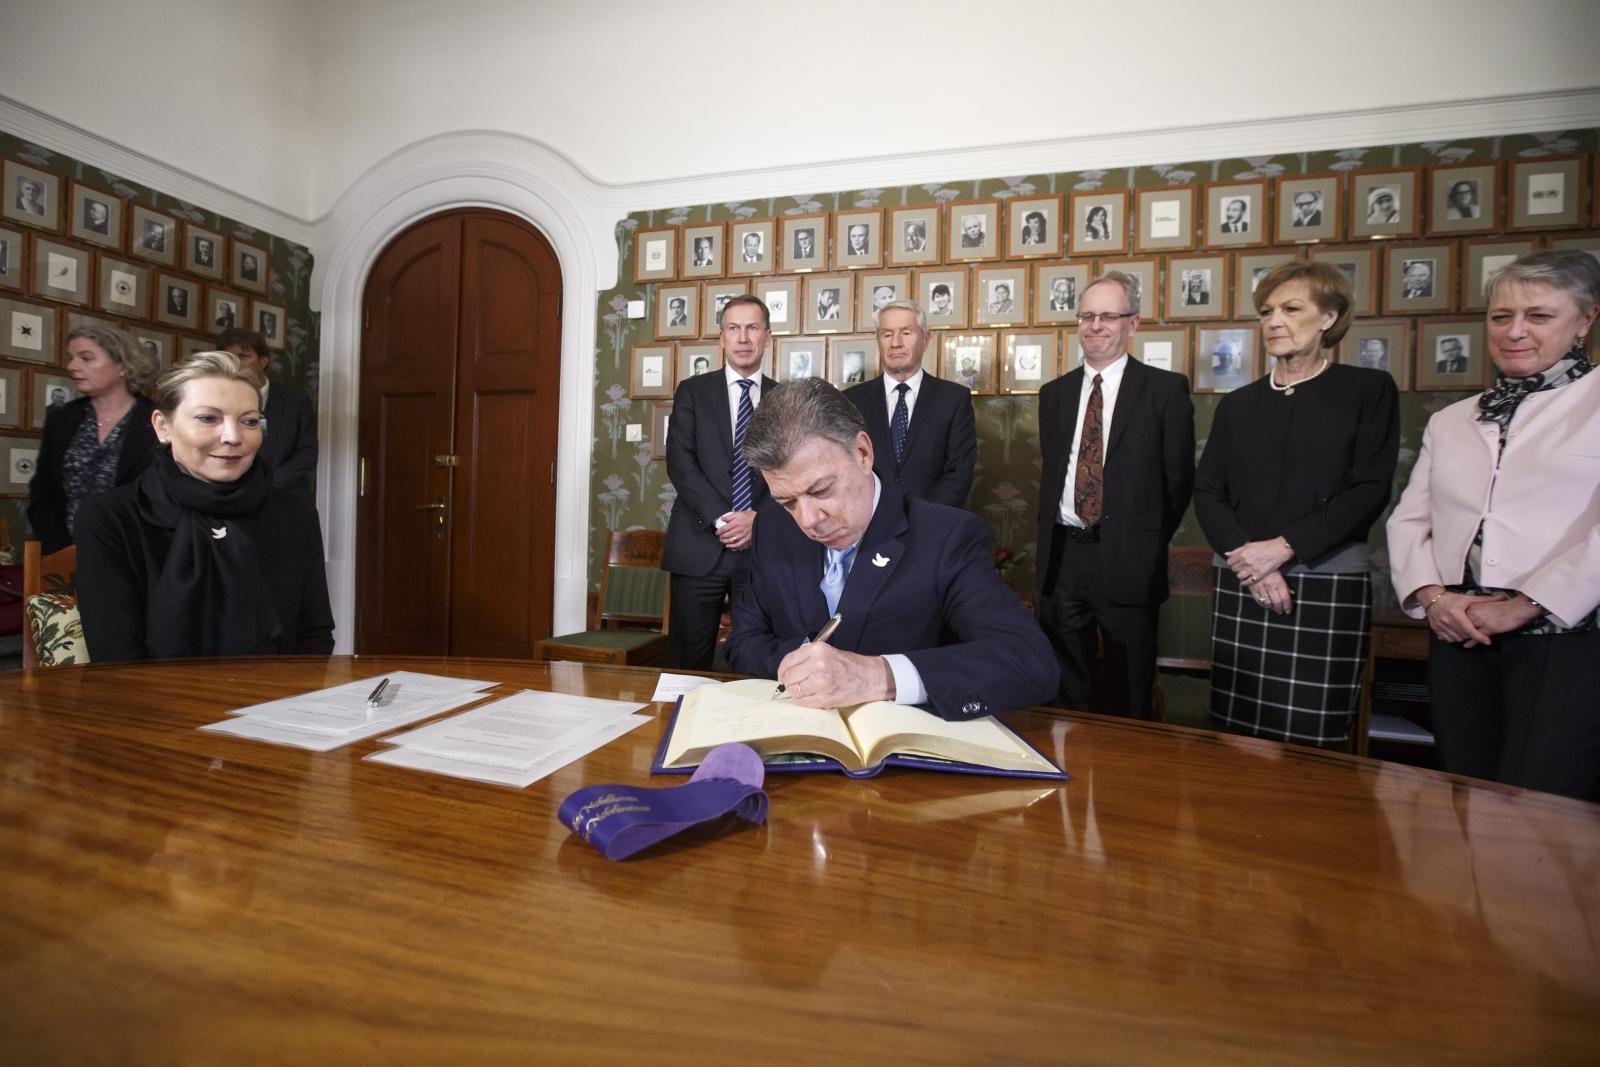 Prezydent Kolumbii Juan Manuel Santos podpisuje protokół o otrzymaniu Pokojowej Nagrody Nobla. Fot. PAP/EPA/HEIKO JUNGE